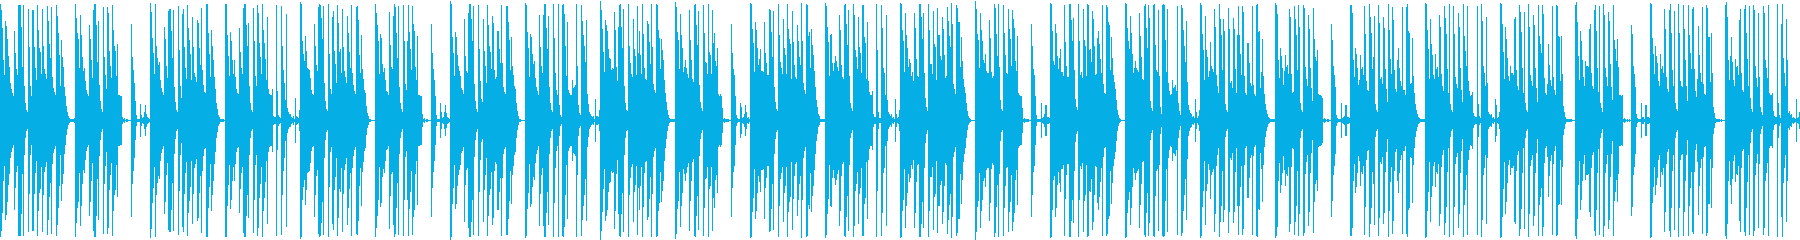 Heartwarming, explanation, talk, everyday, minimal:LP's reproduced waveform